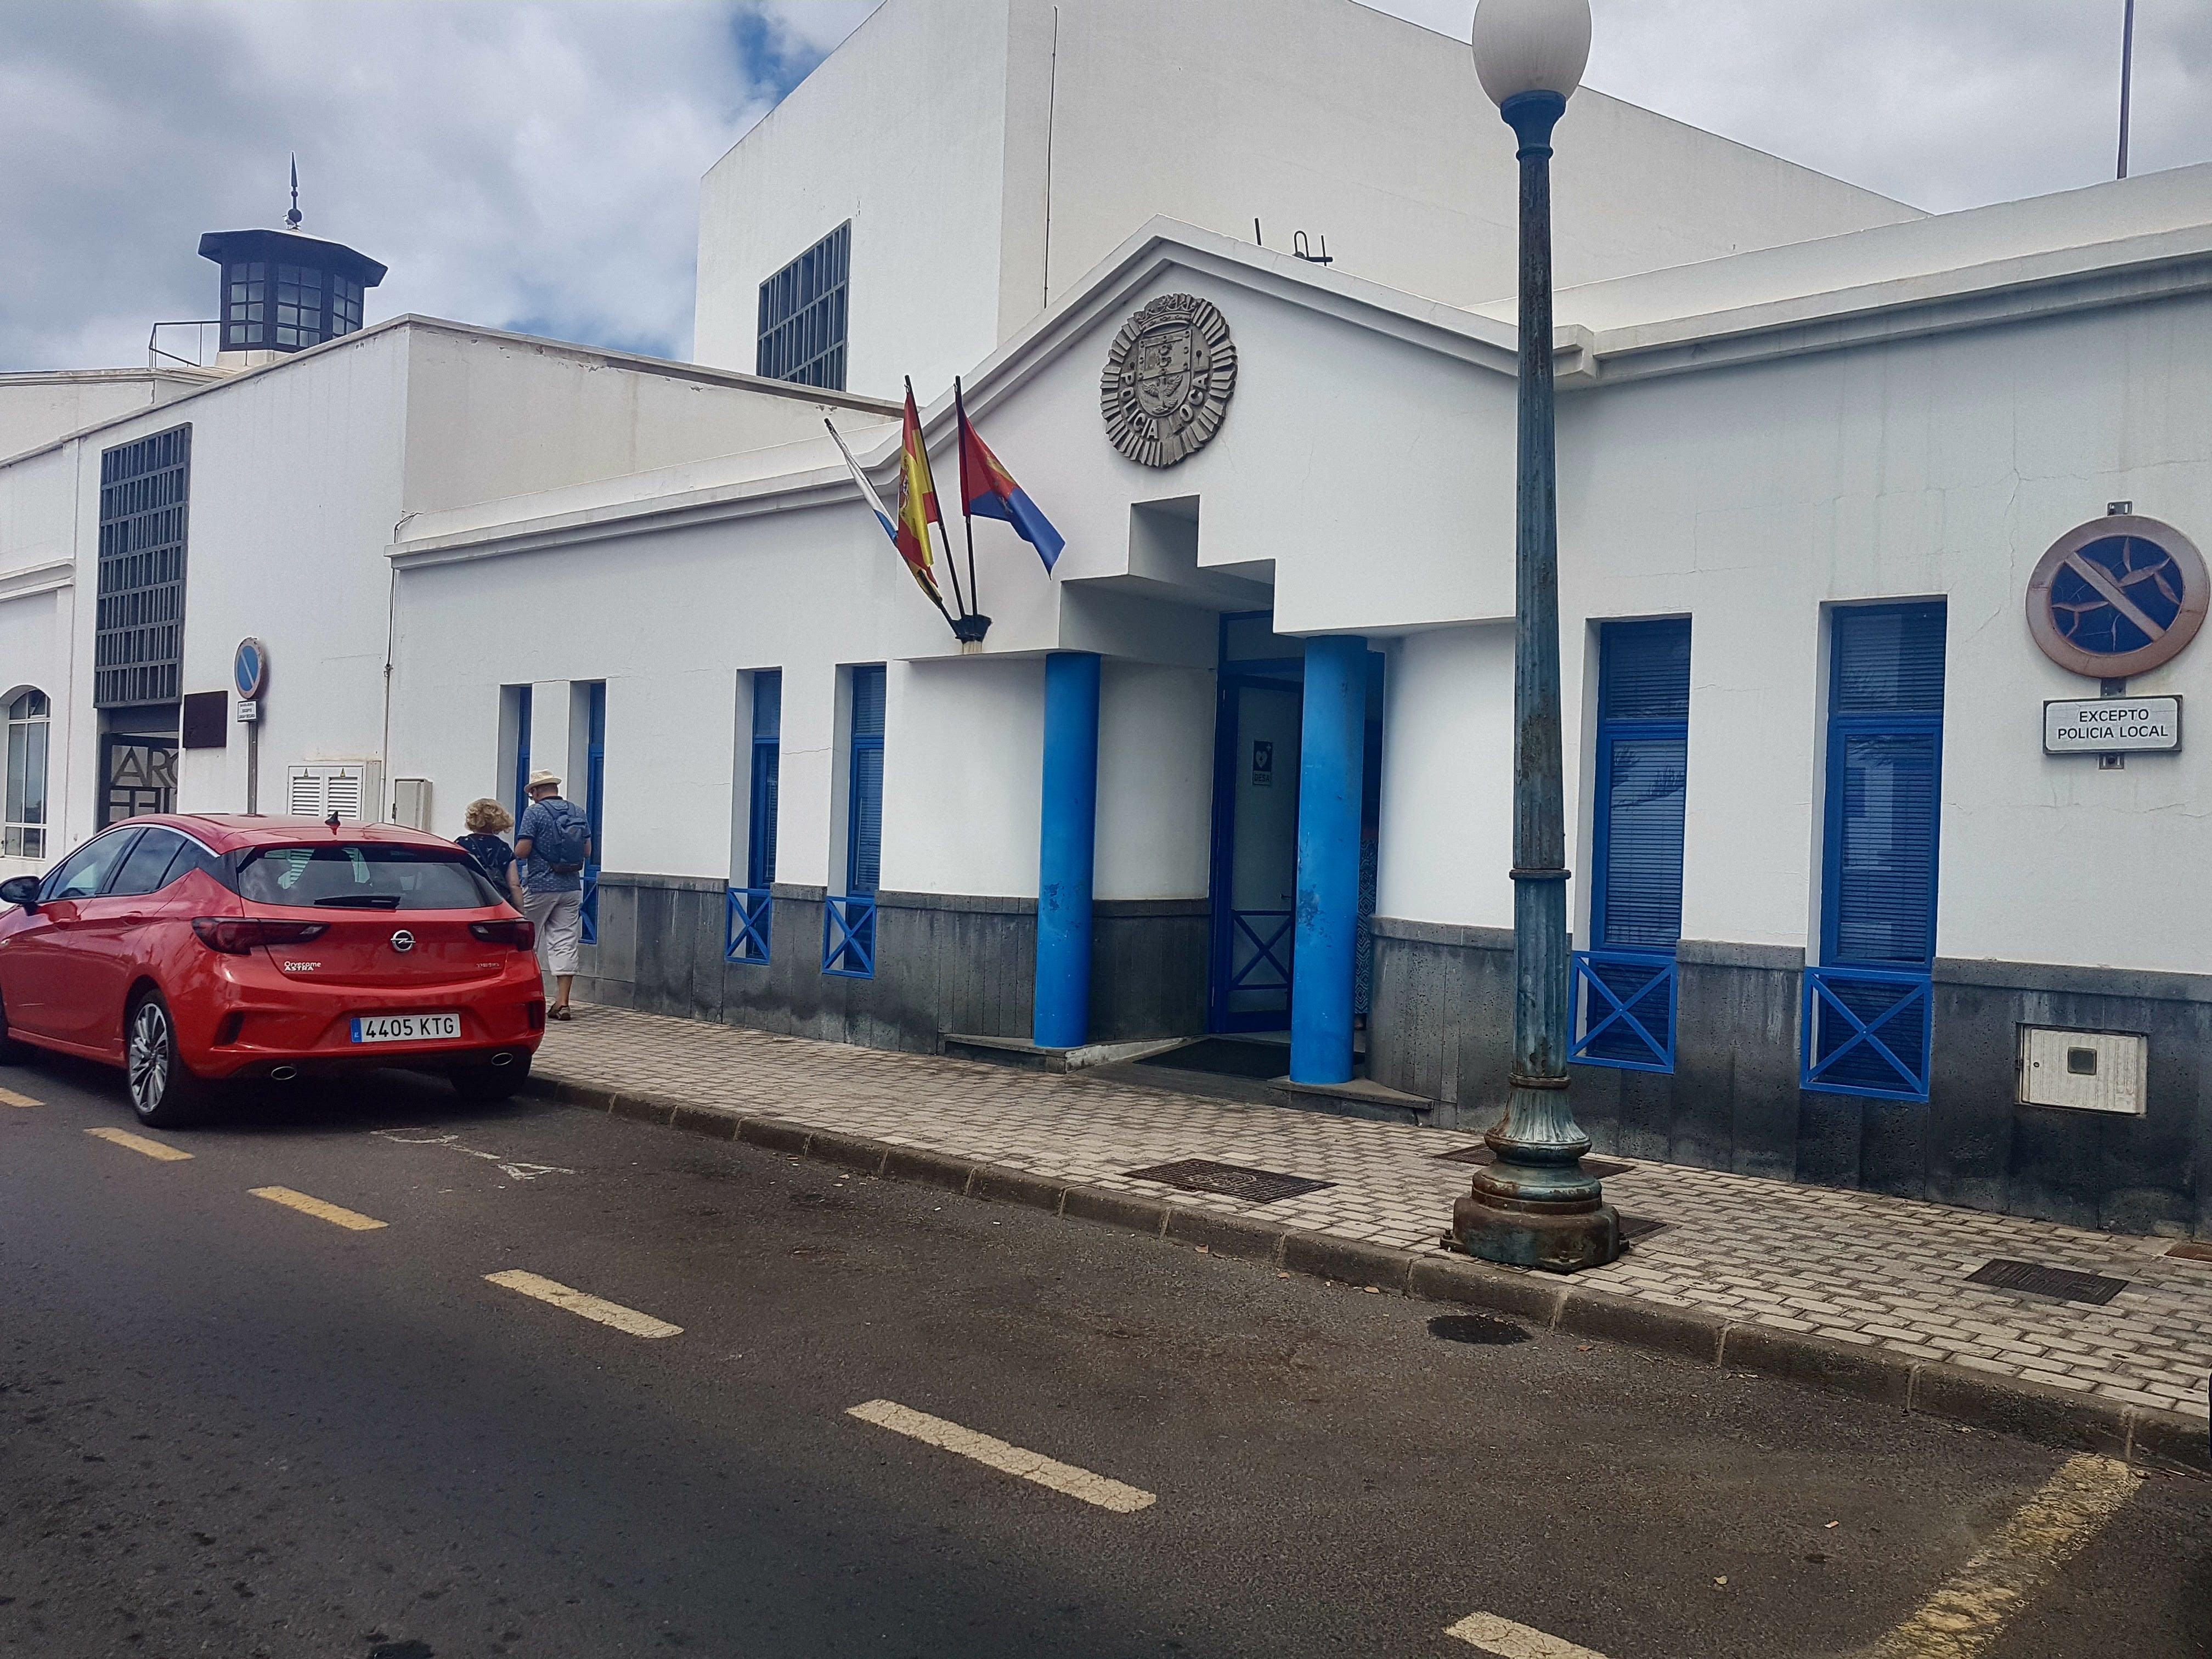 Este miércoles se celebra un juicio por maltrato animal ante una denuncia de la Policía Local de Arrecife por el abandono de un gato con chip